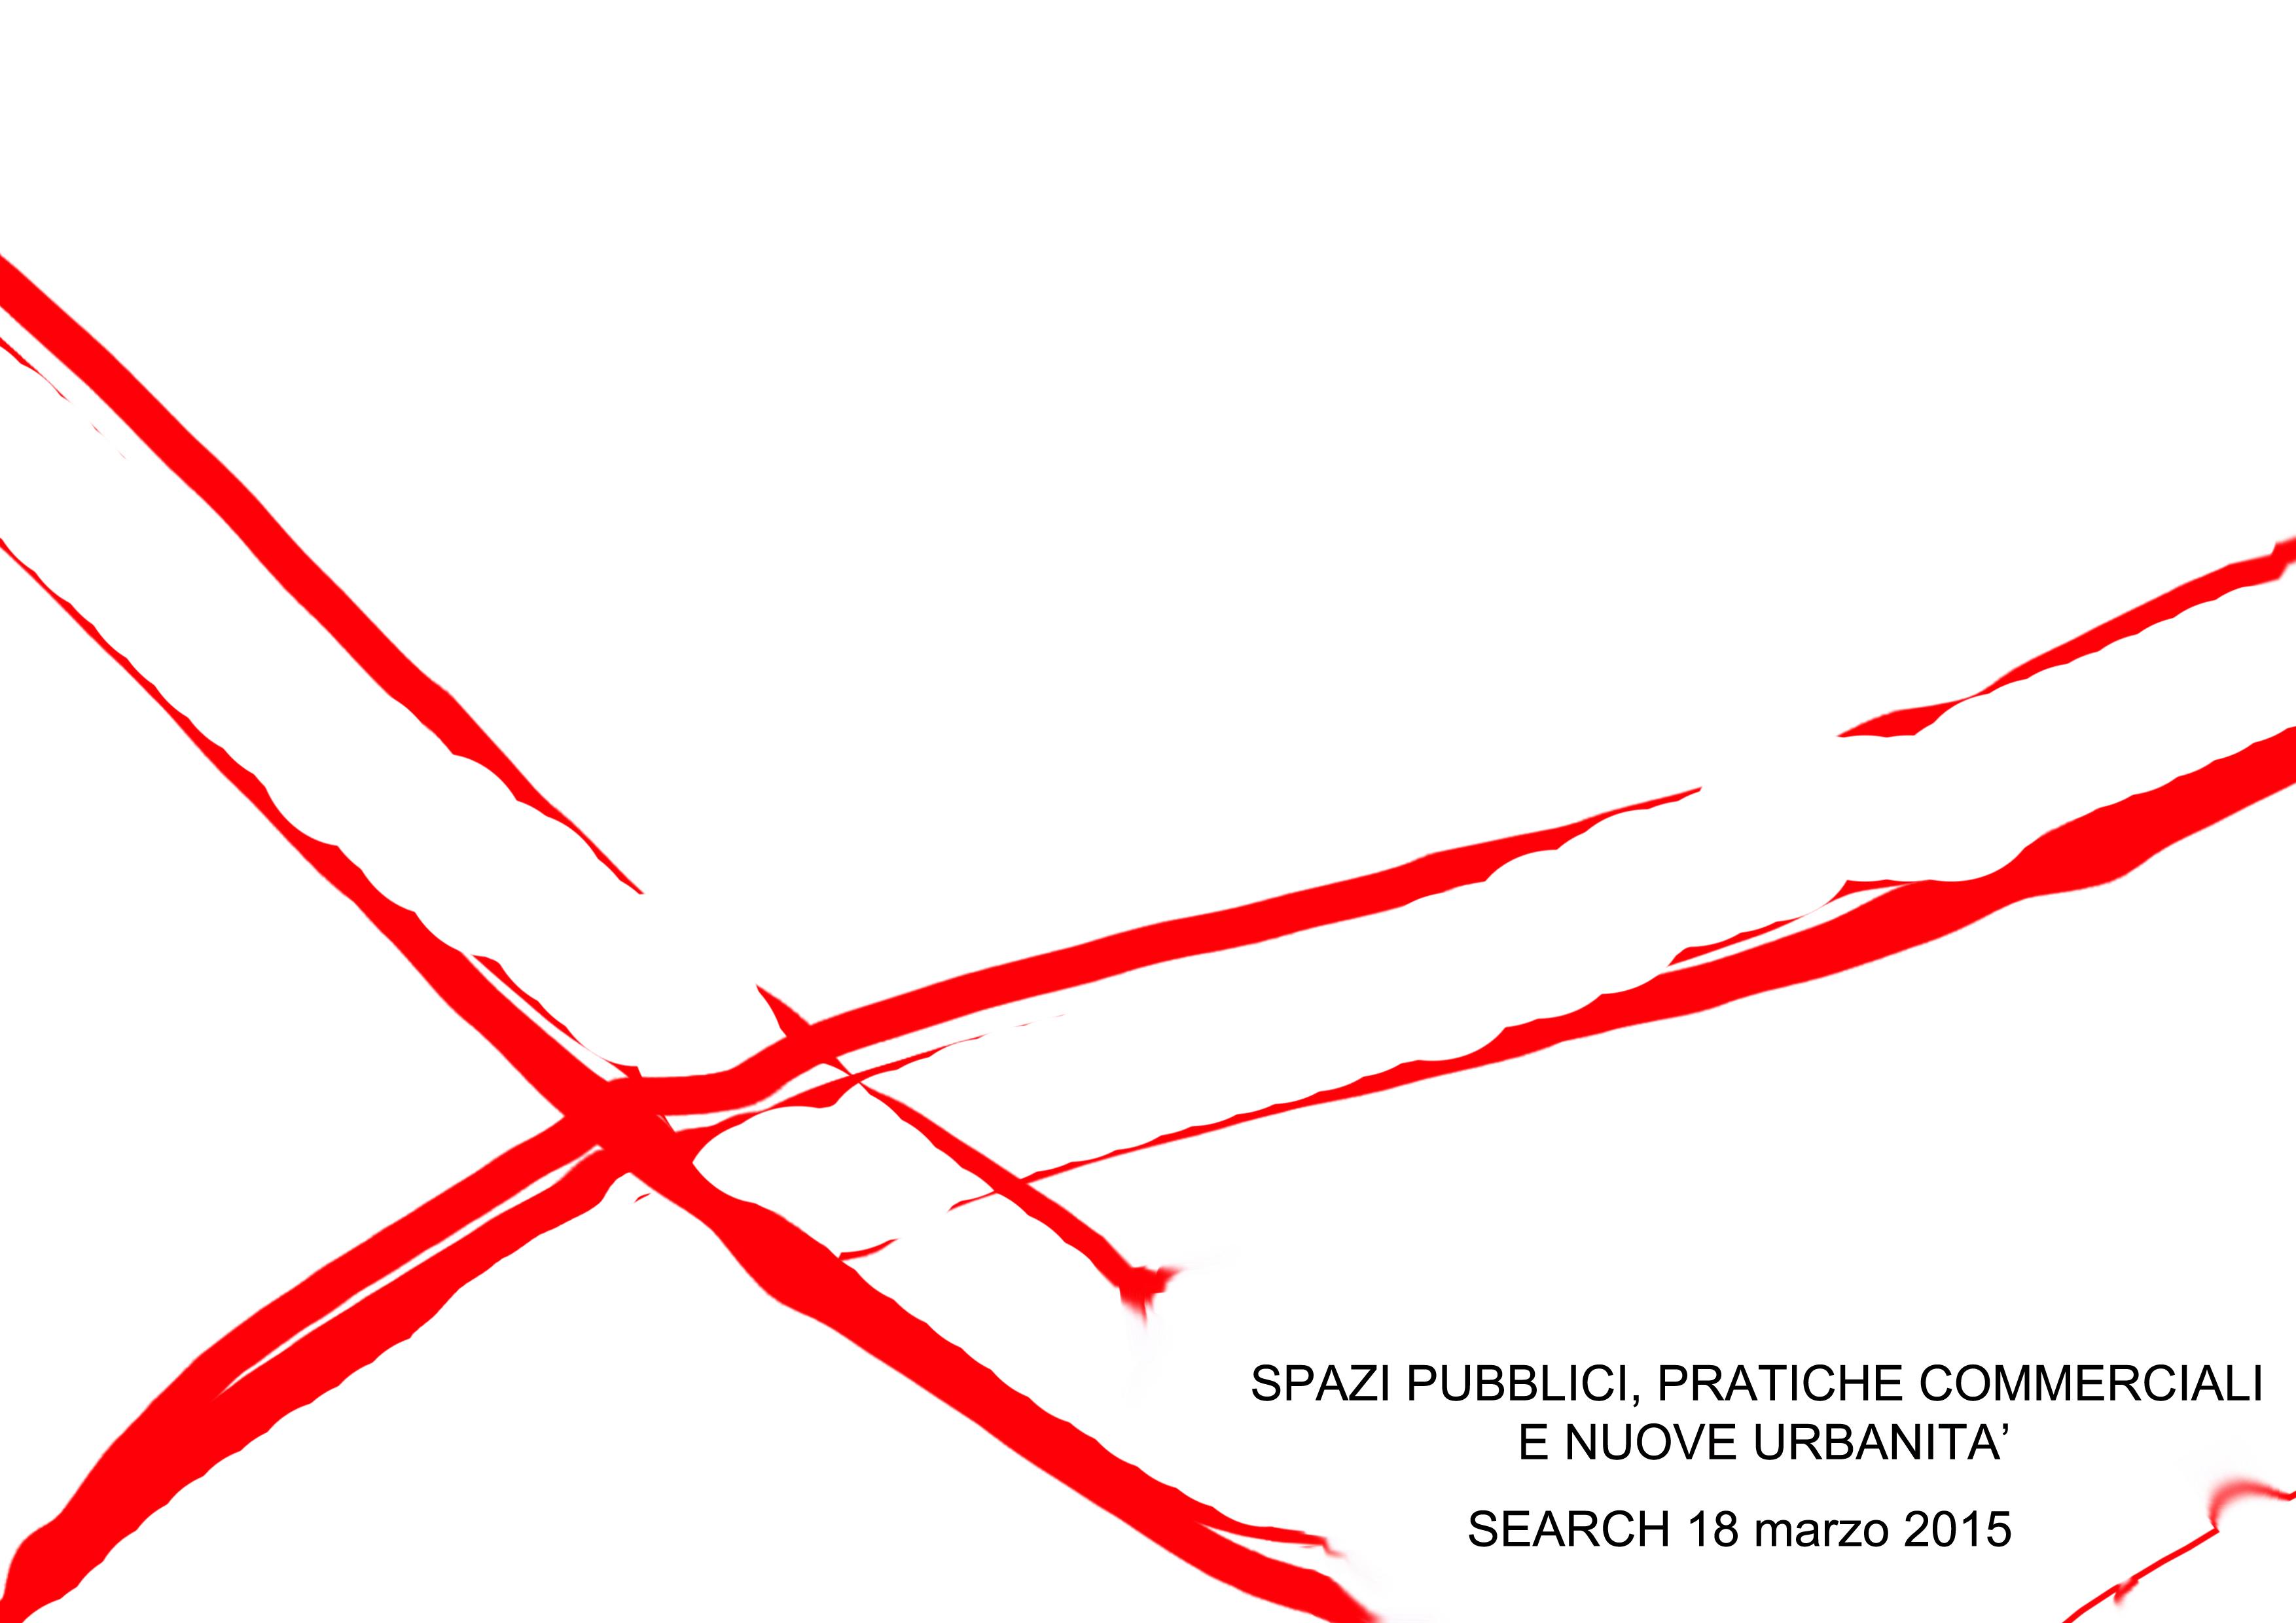 """Musei Civici di Cagliari conferenza """"Spazi pubblici, pratiche commerciali e nuove urbanità"""" mecoledì 18 marzo 2015."""